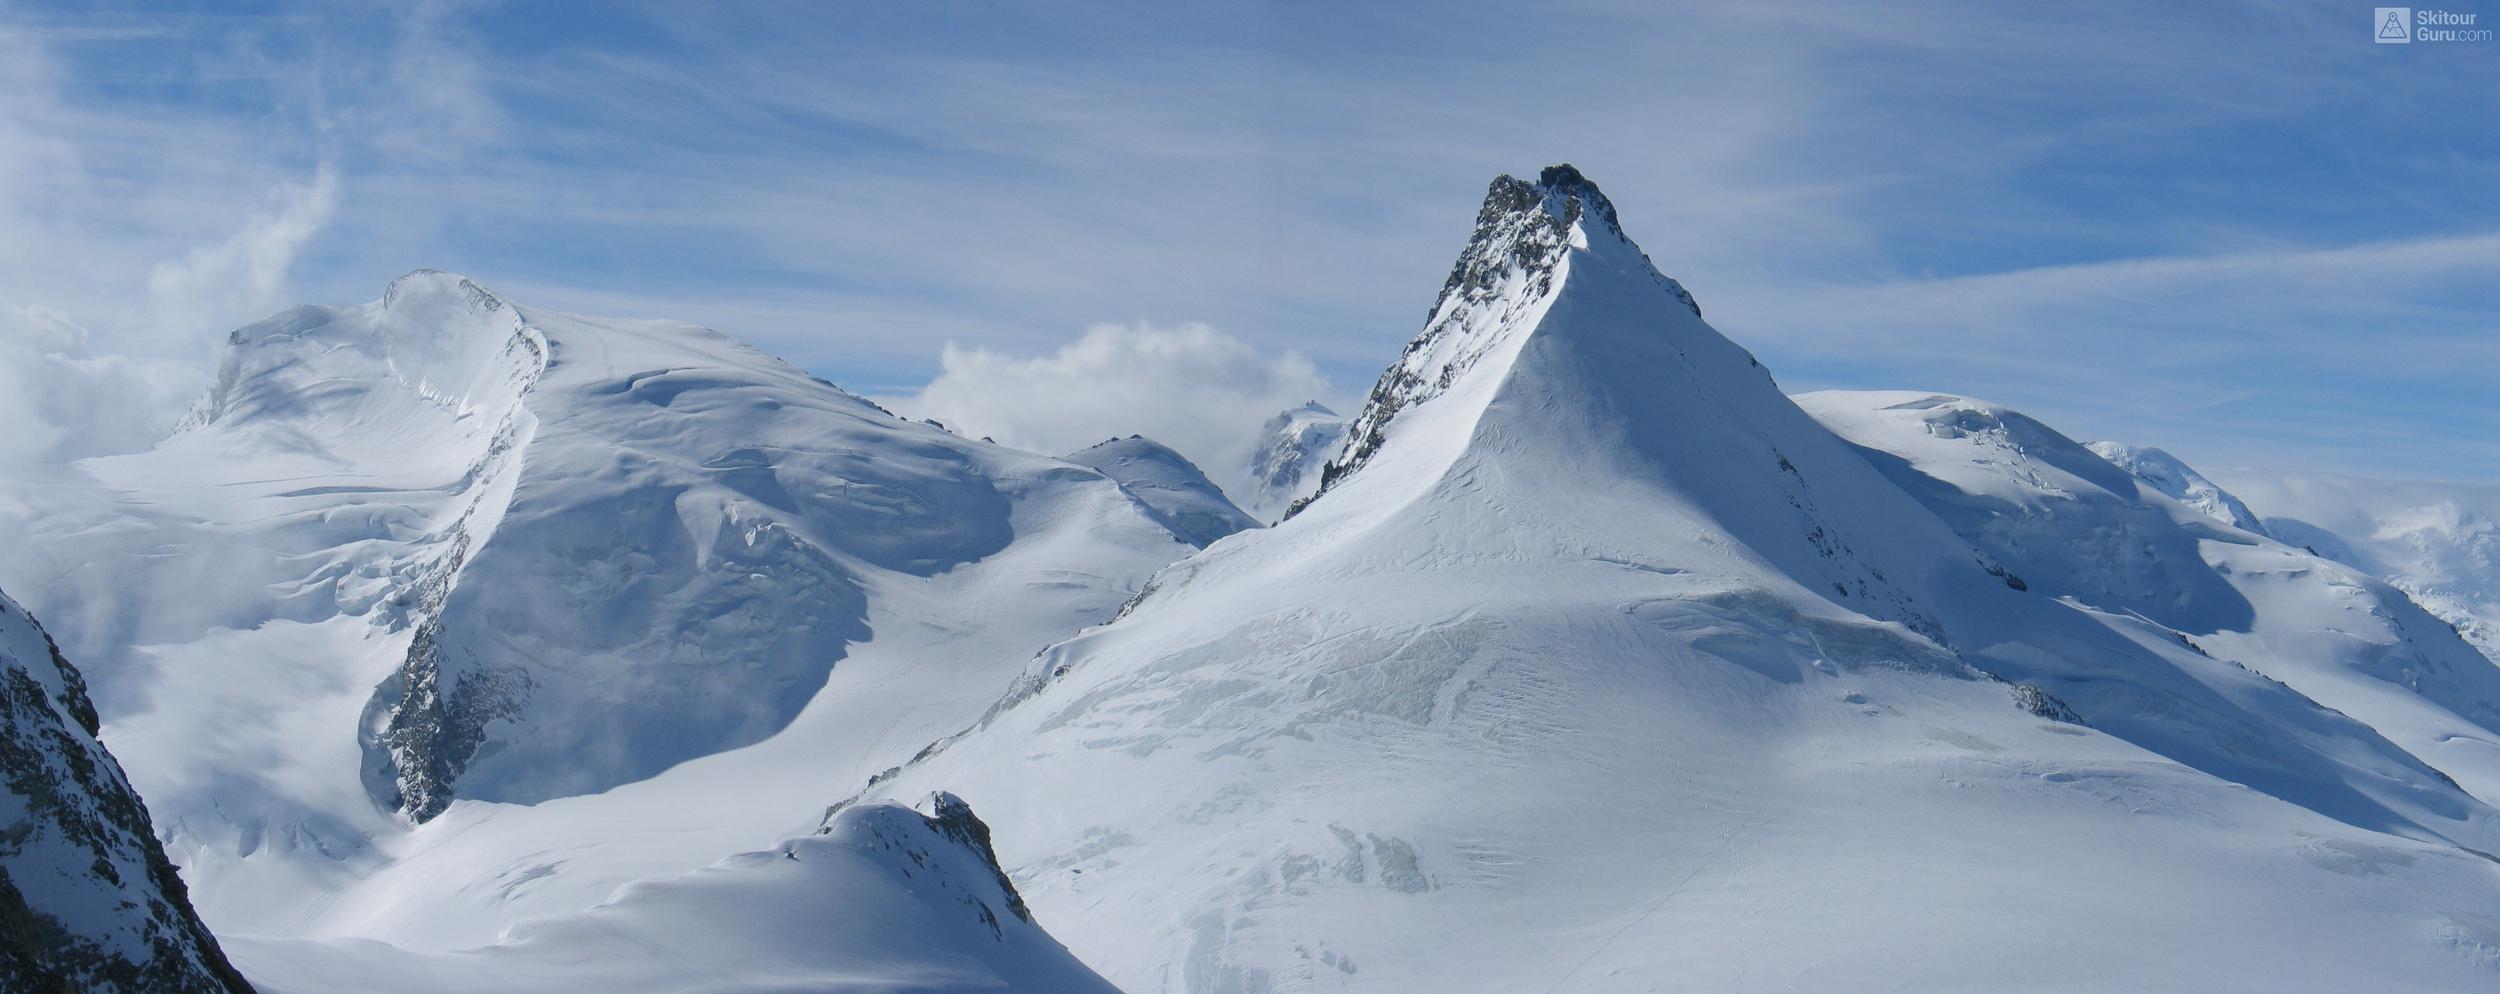 Allalinhorn Walliser Alpen / Alpes valaisannes Switzerland panorama 26